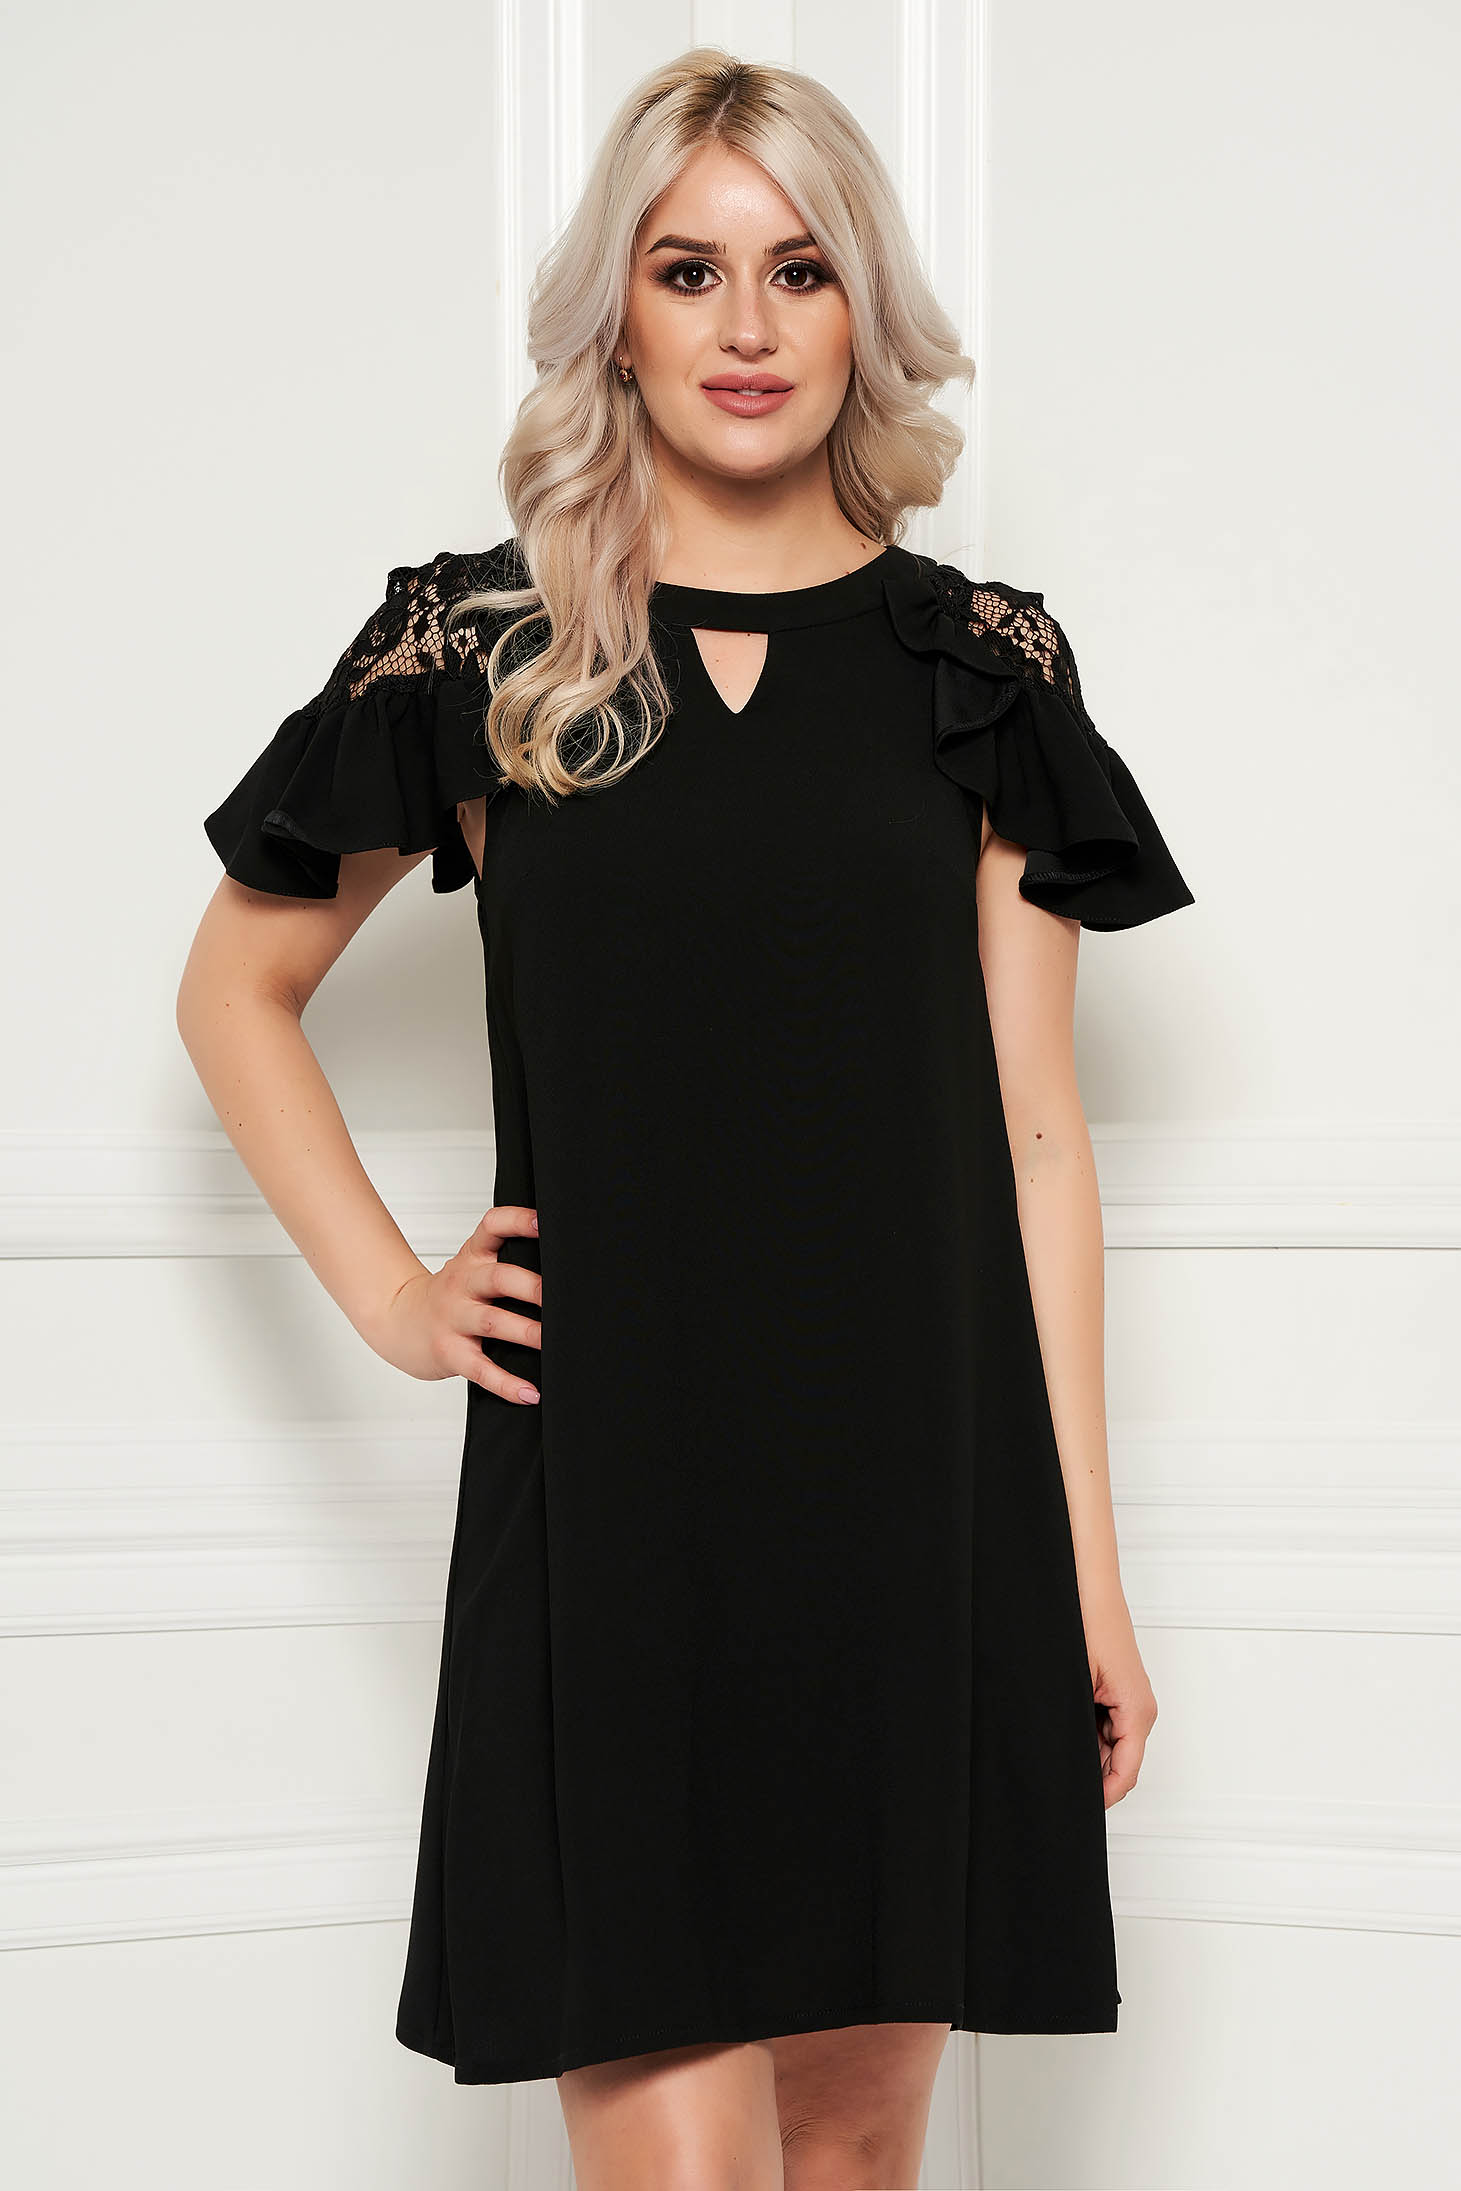 Rochie neagra eleganta cu croi larg cu maneci scurte cu aplicatii de dantela